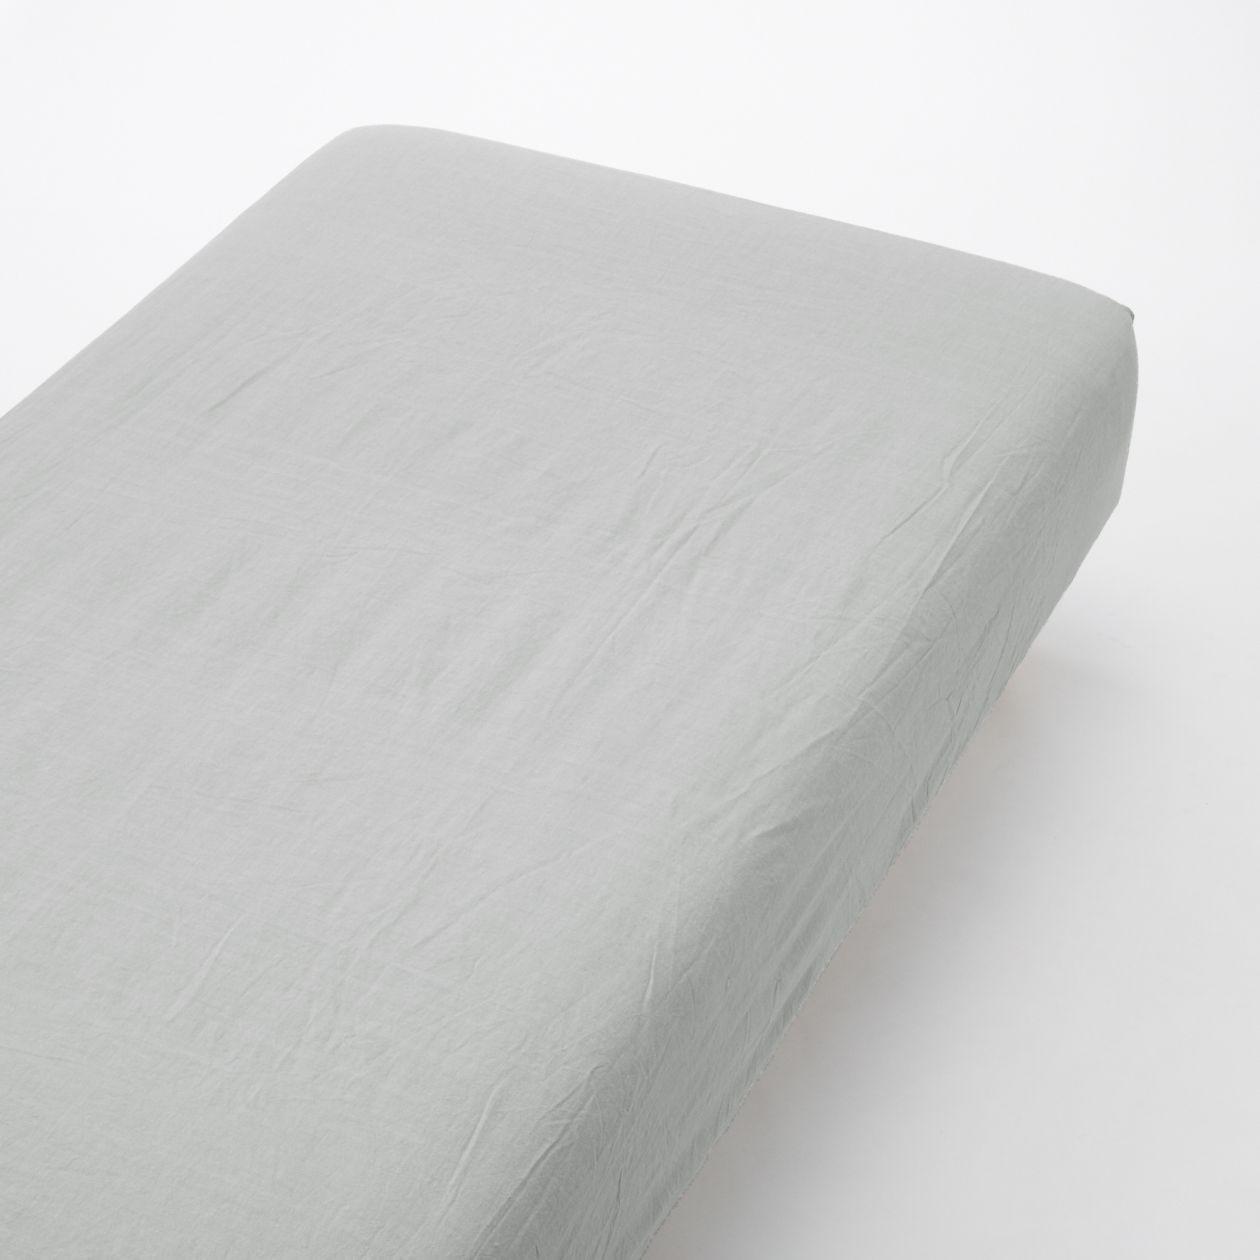 綿洗いざらしボックスシーツ・S/グレー